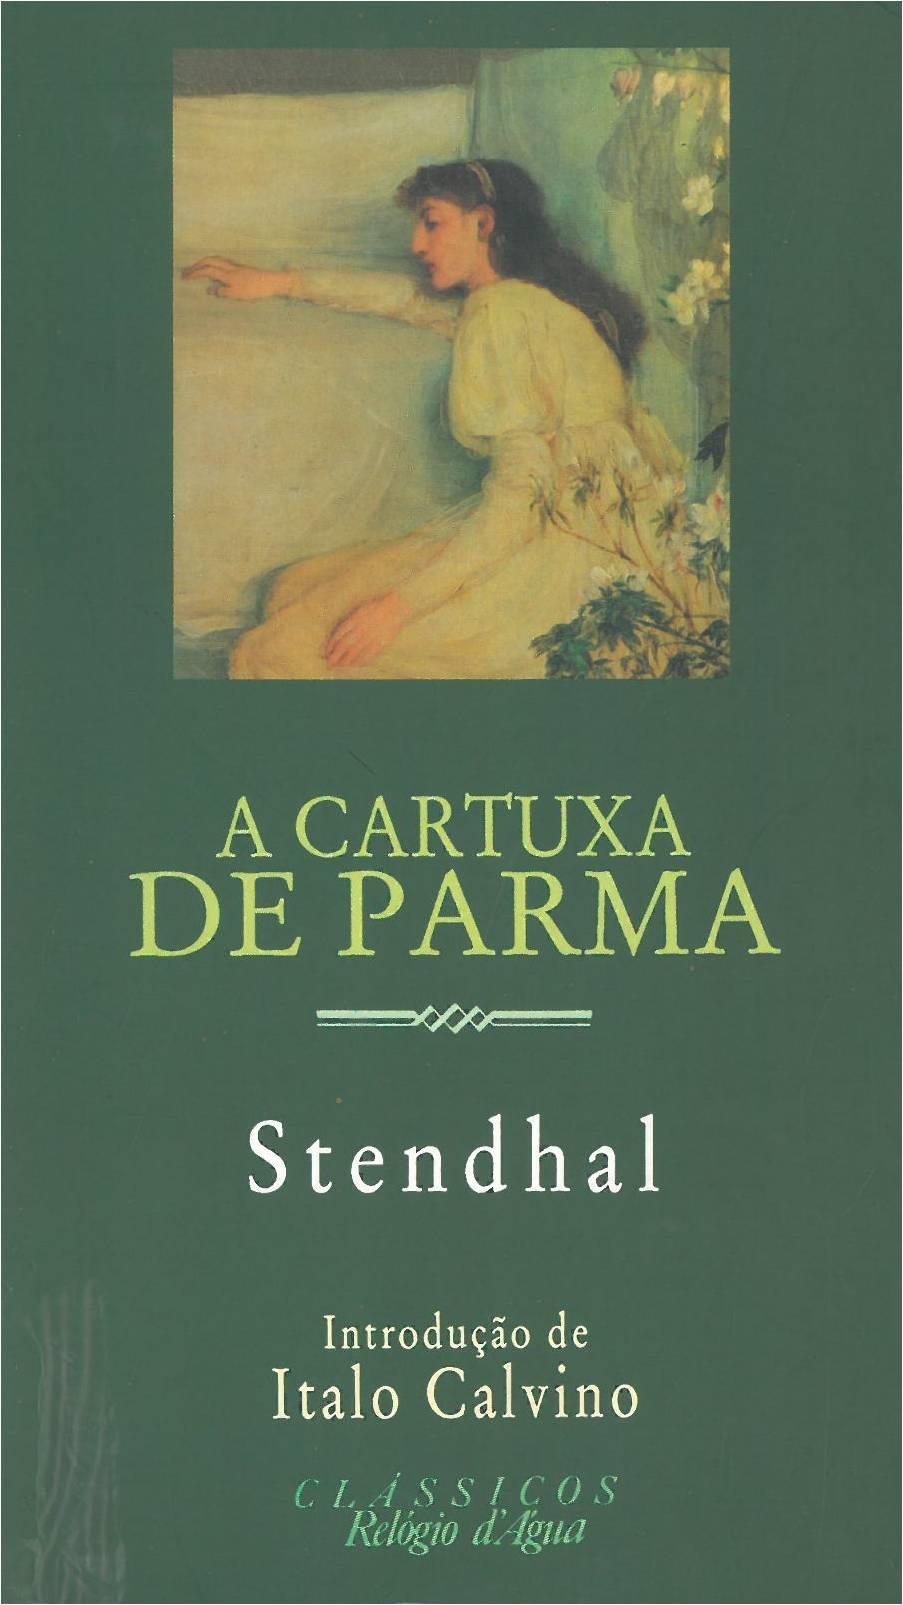 A cartuxa de Parma.jpg